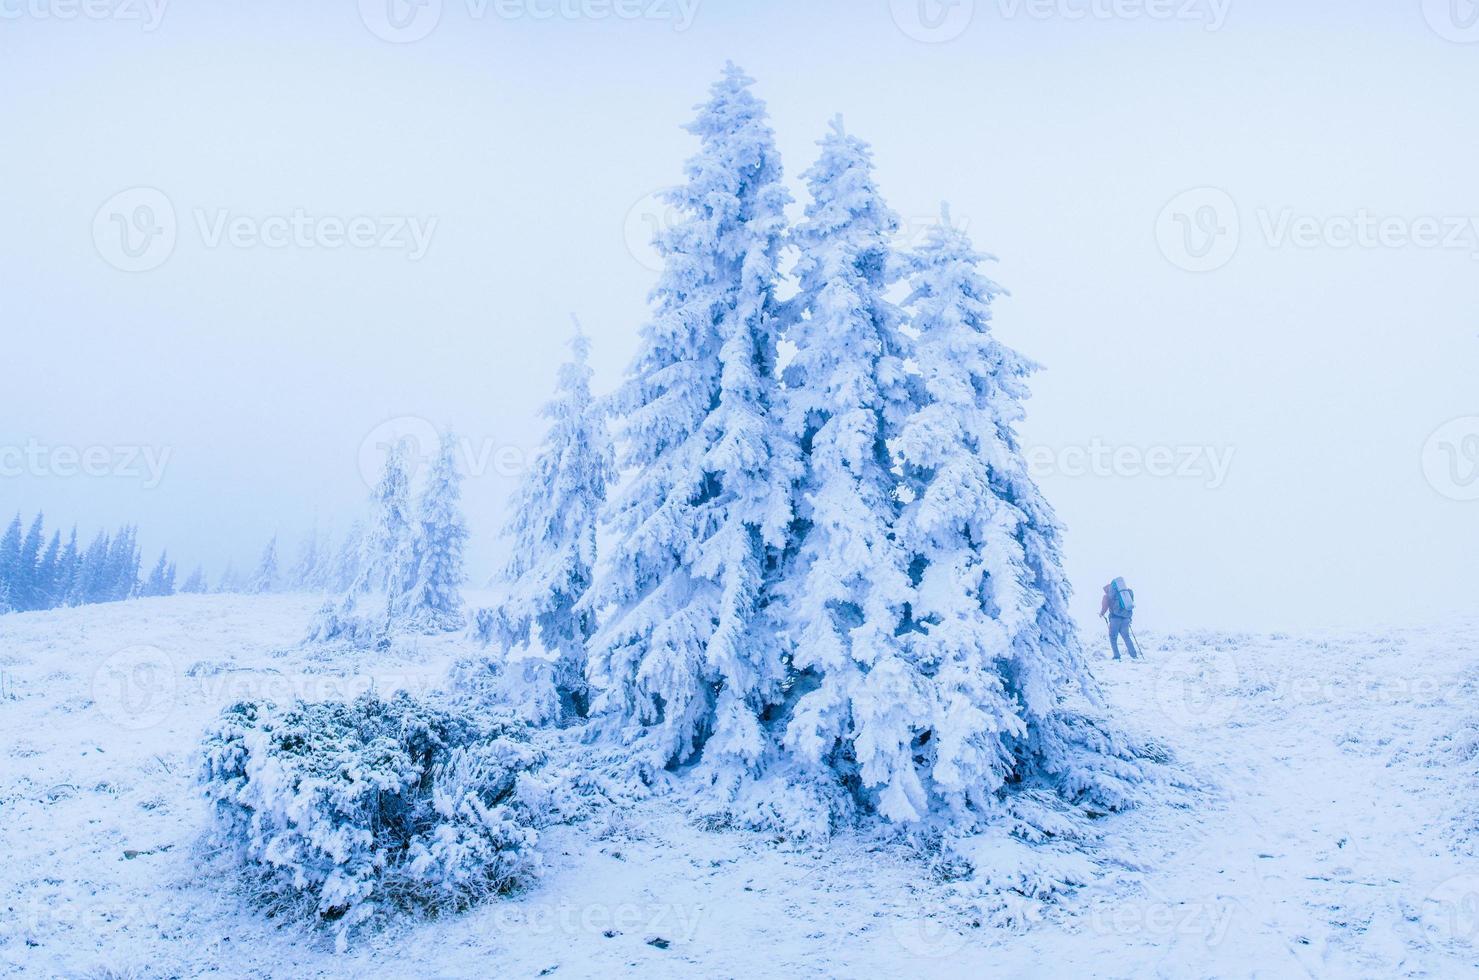 magischer Winter schneebedeckter Baum foto